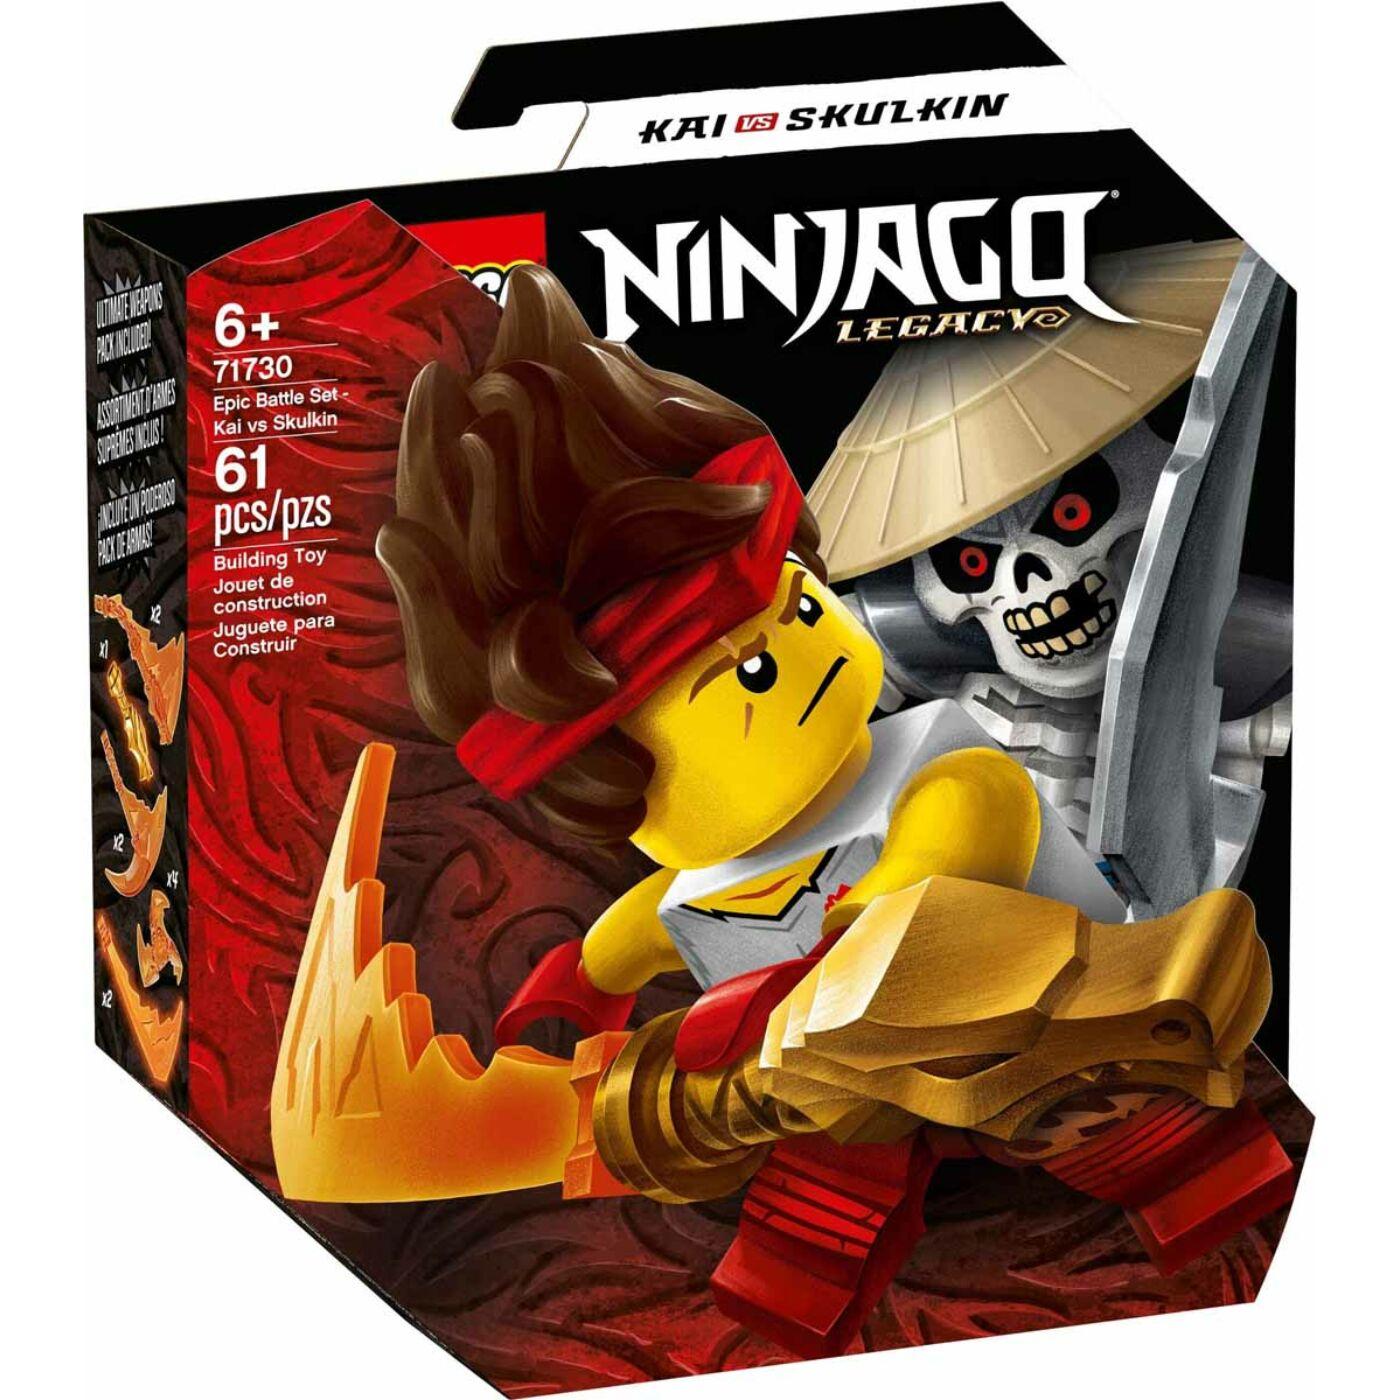 Lego Ninjago Hősi harci készlet Kai vs Skulkin